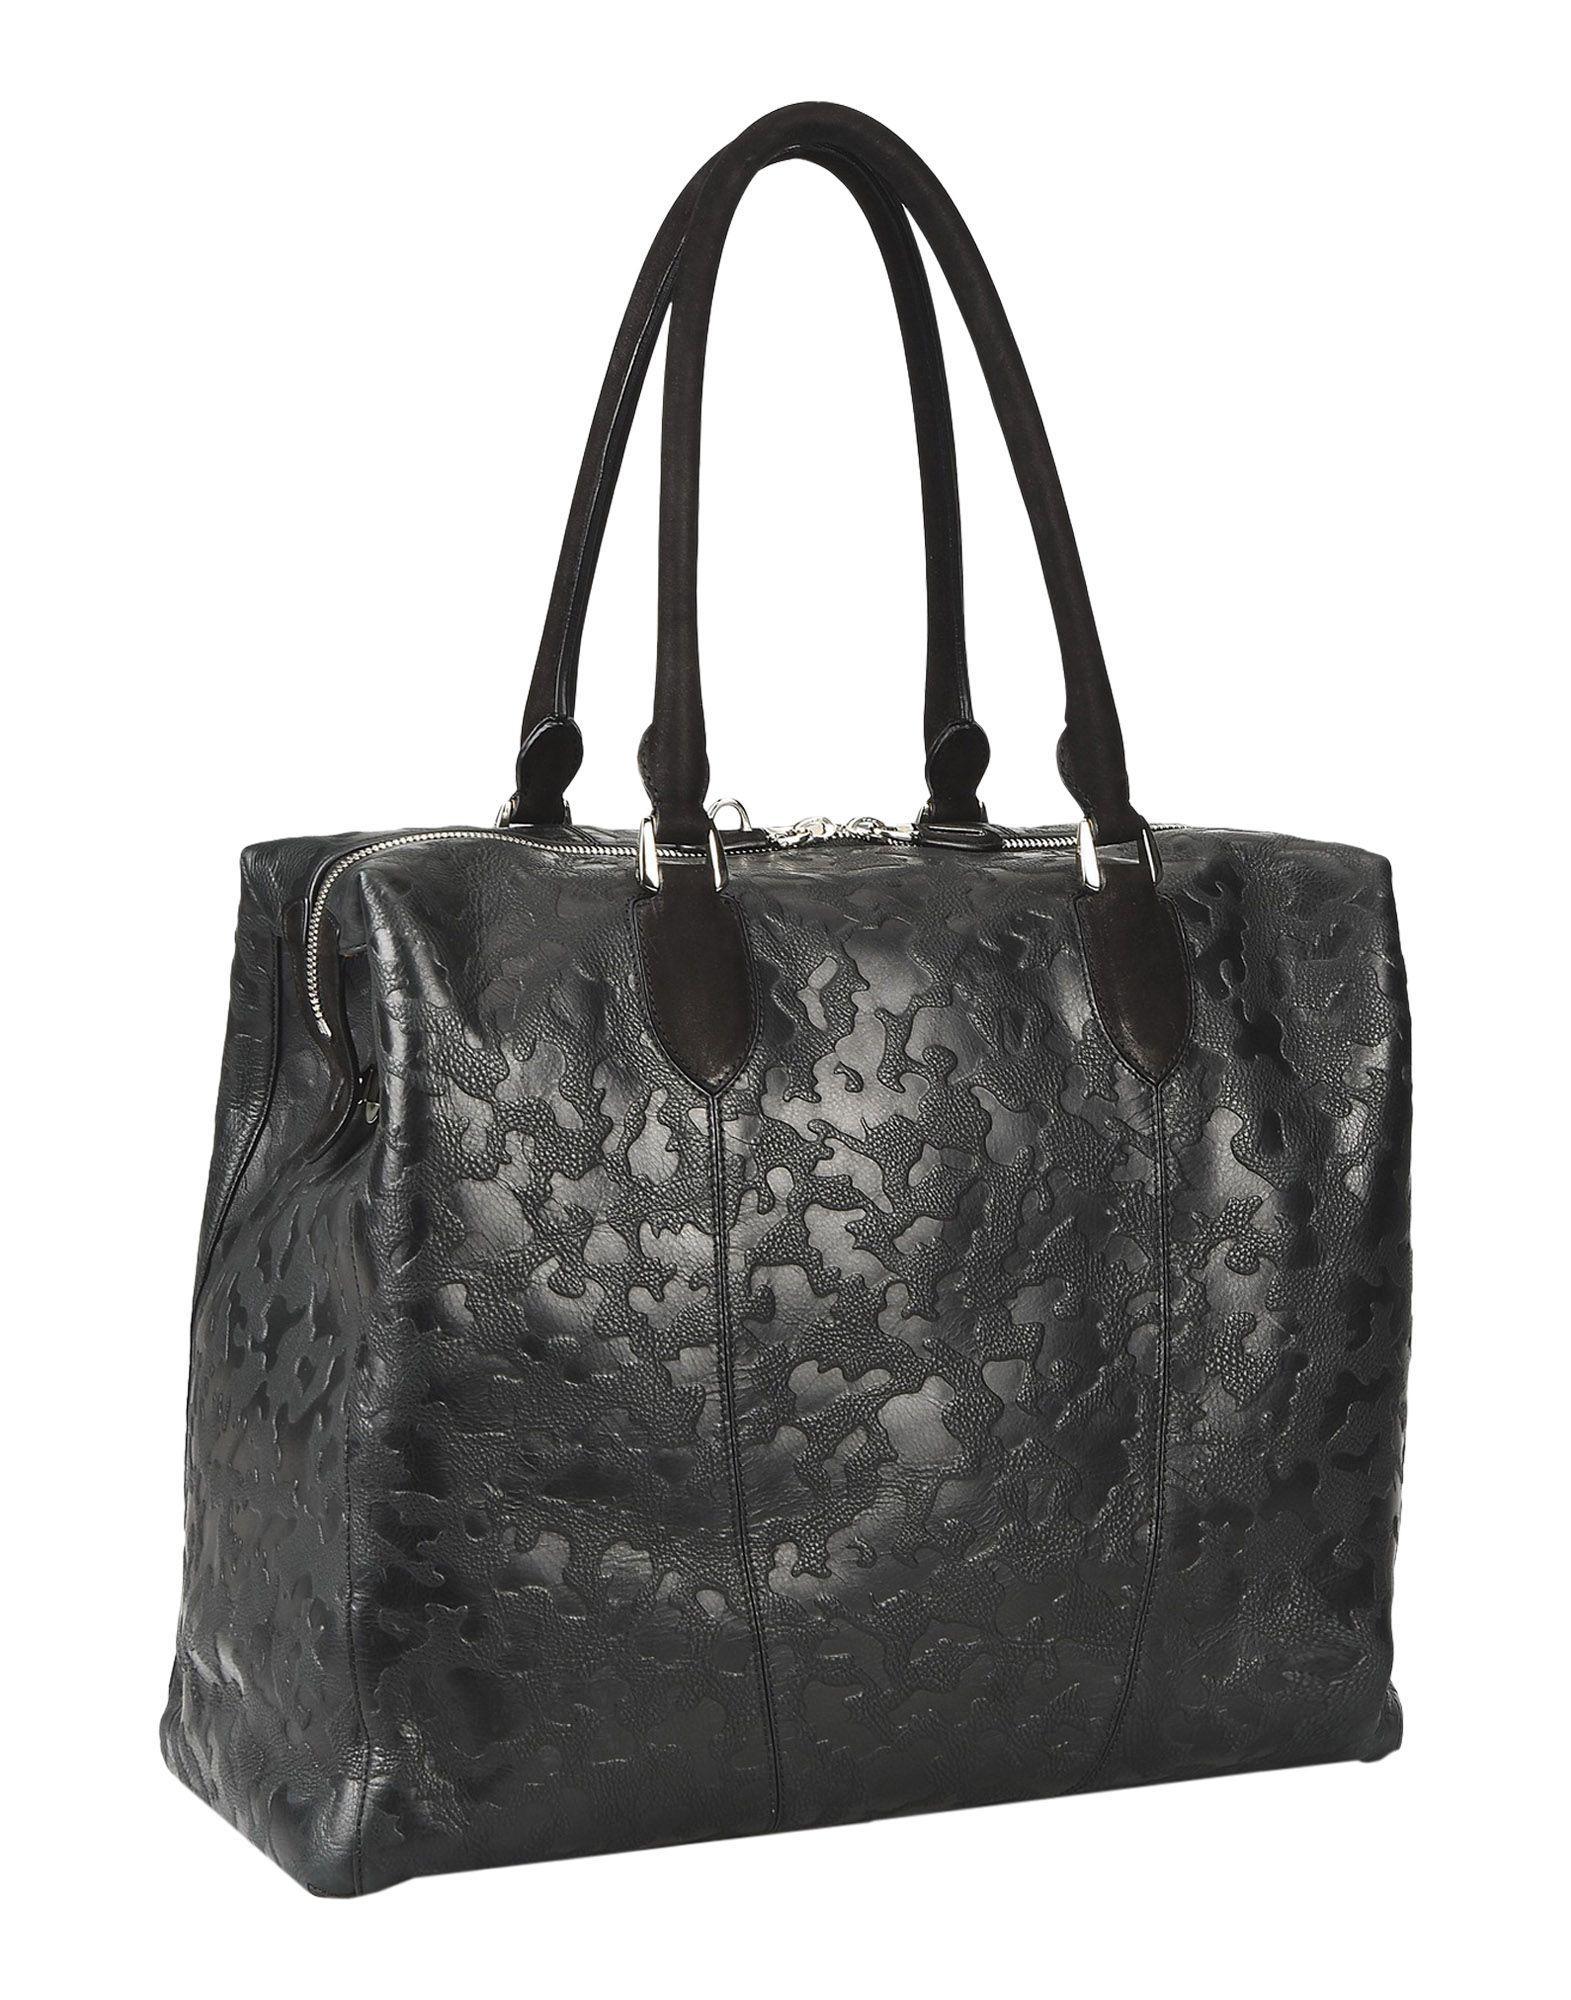 Rudsak Travel Bags